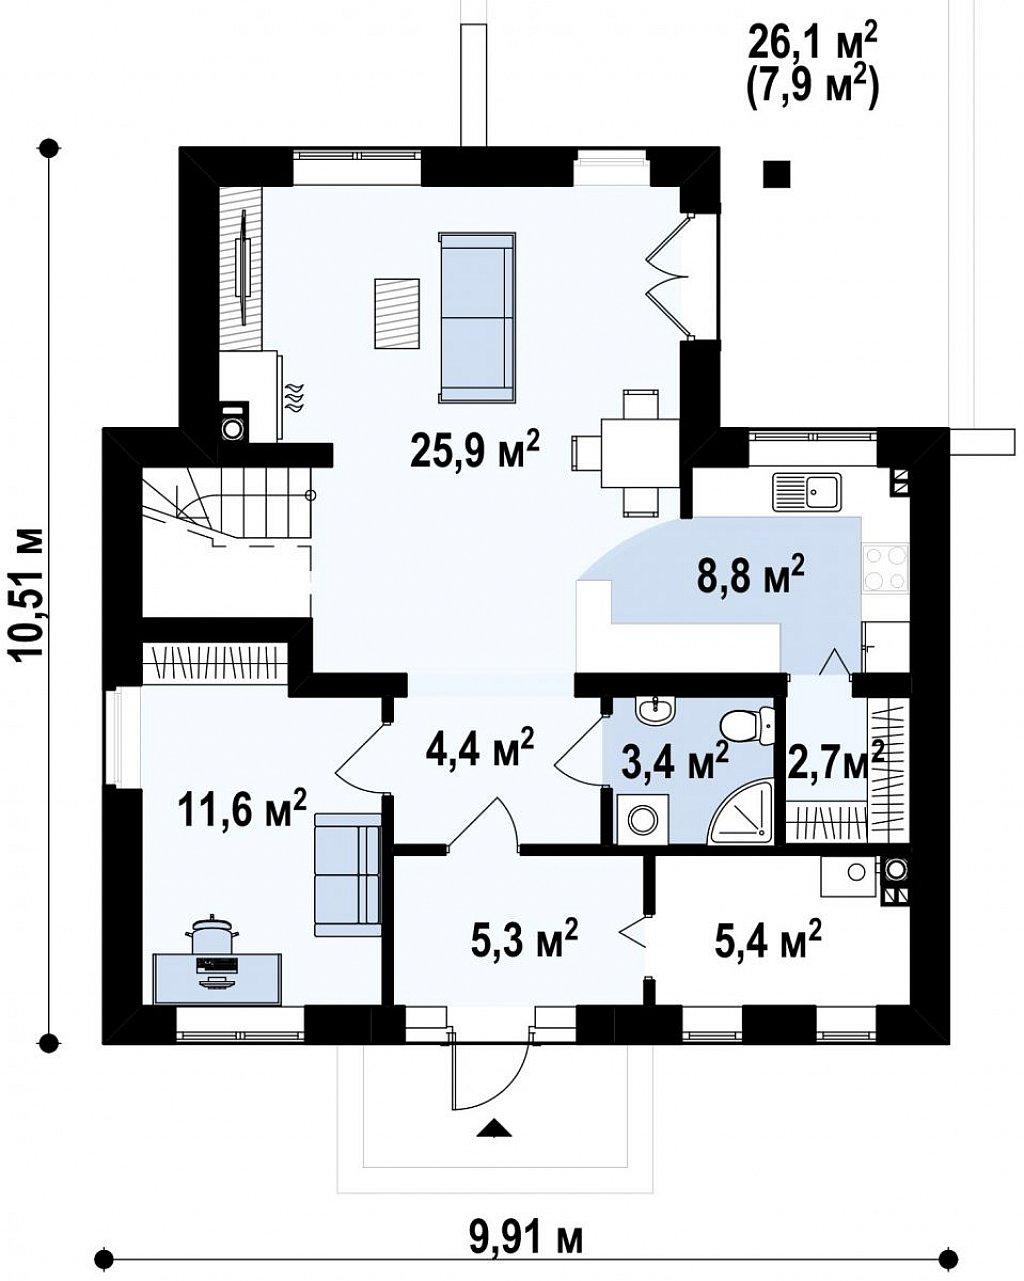 Простой в строительстве дом с балконом над входом. план помещений 1